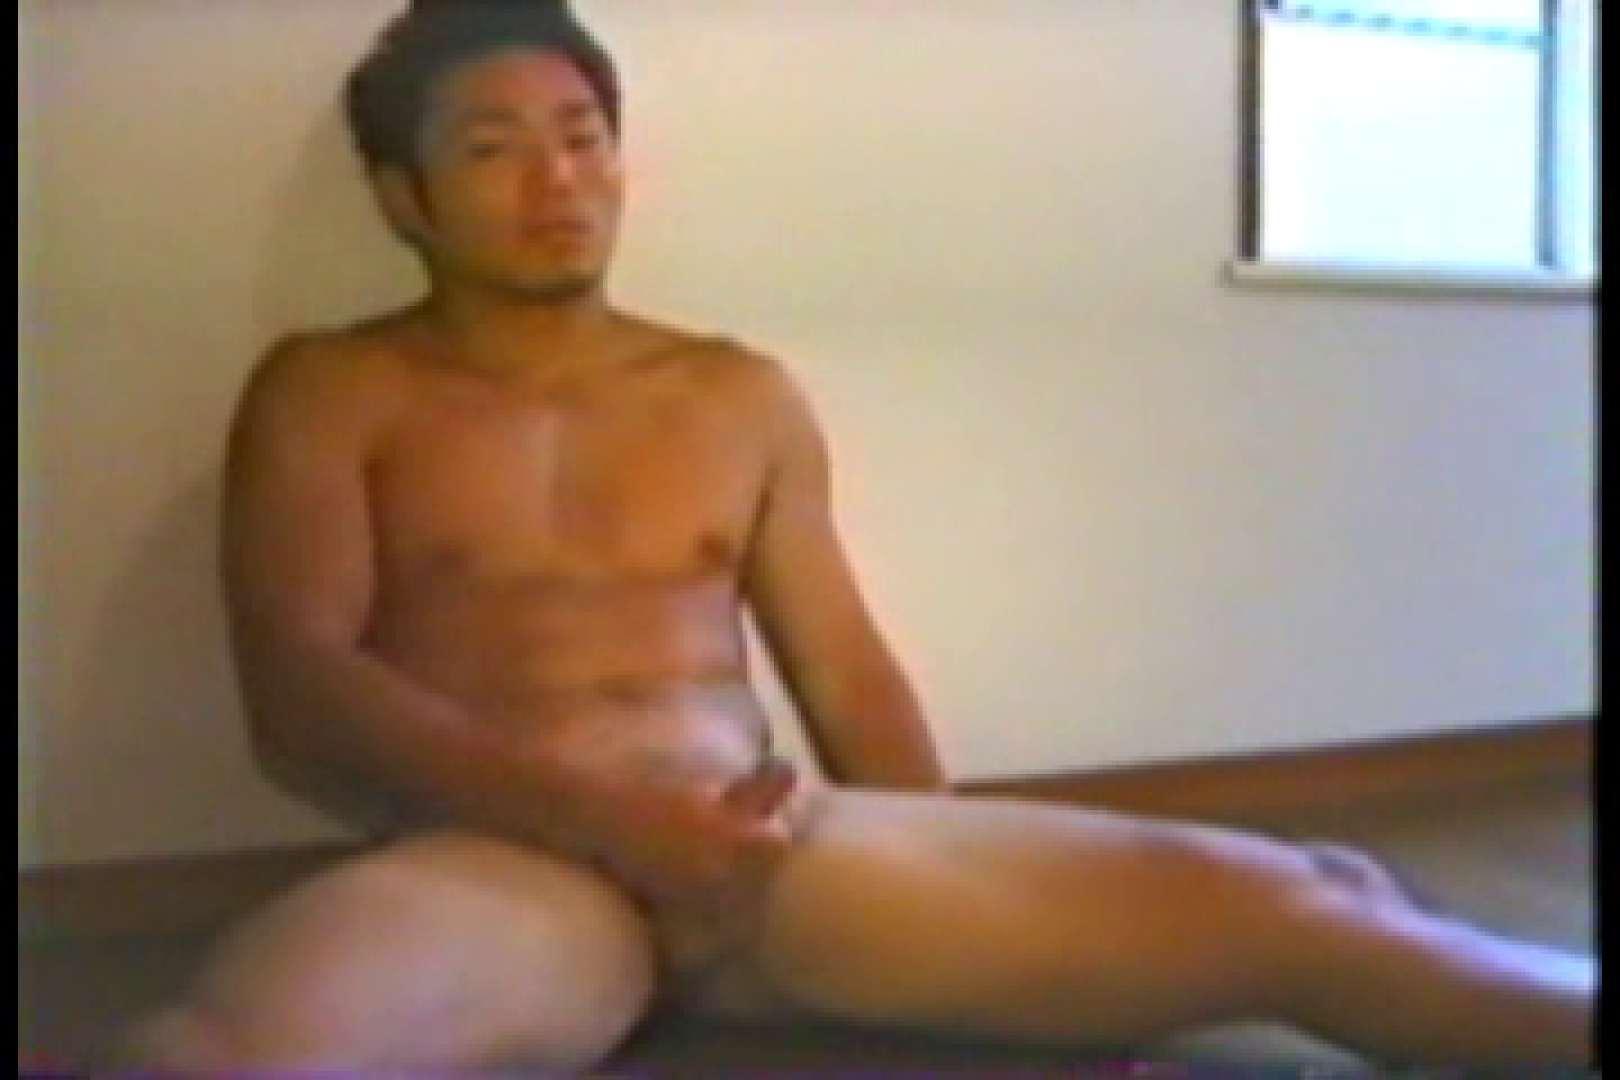 『ノンケ・スポーツマンシップとは・・・! ! 』 第2戦 体育会系のゲイ達 ゲイセックス画像 67枚 41